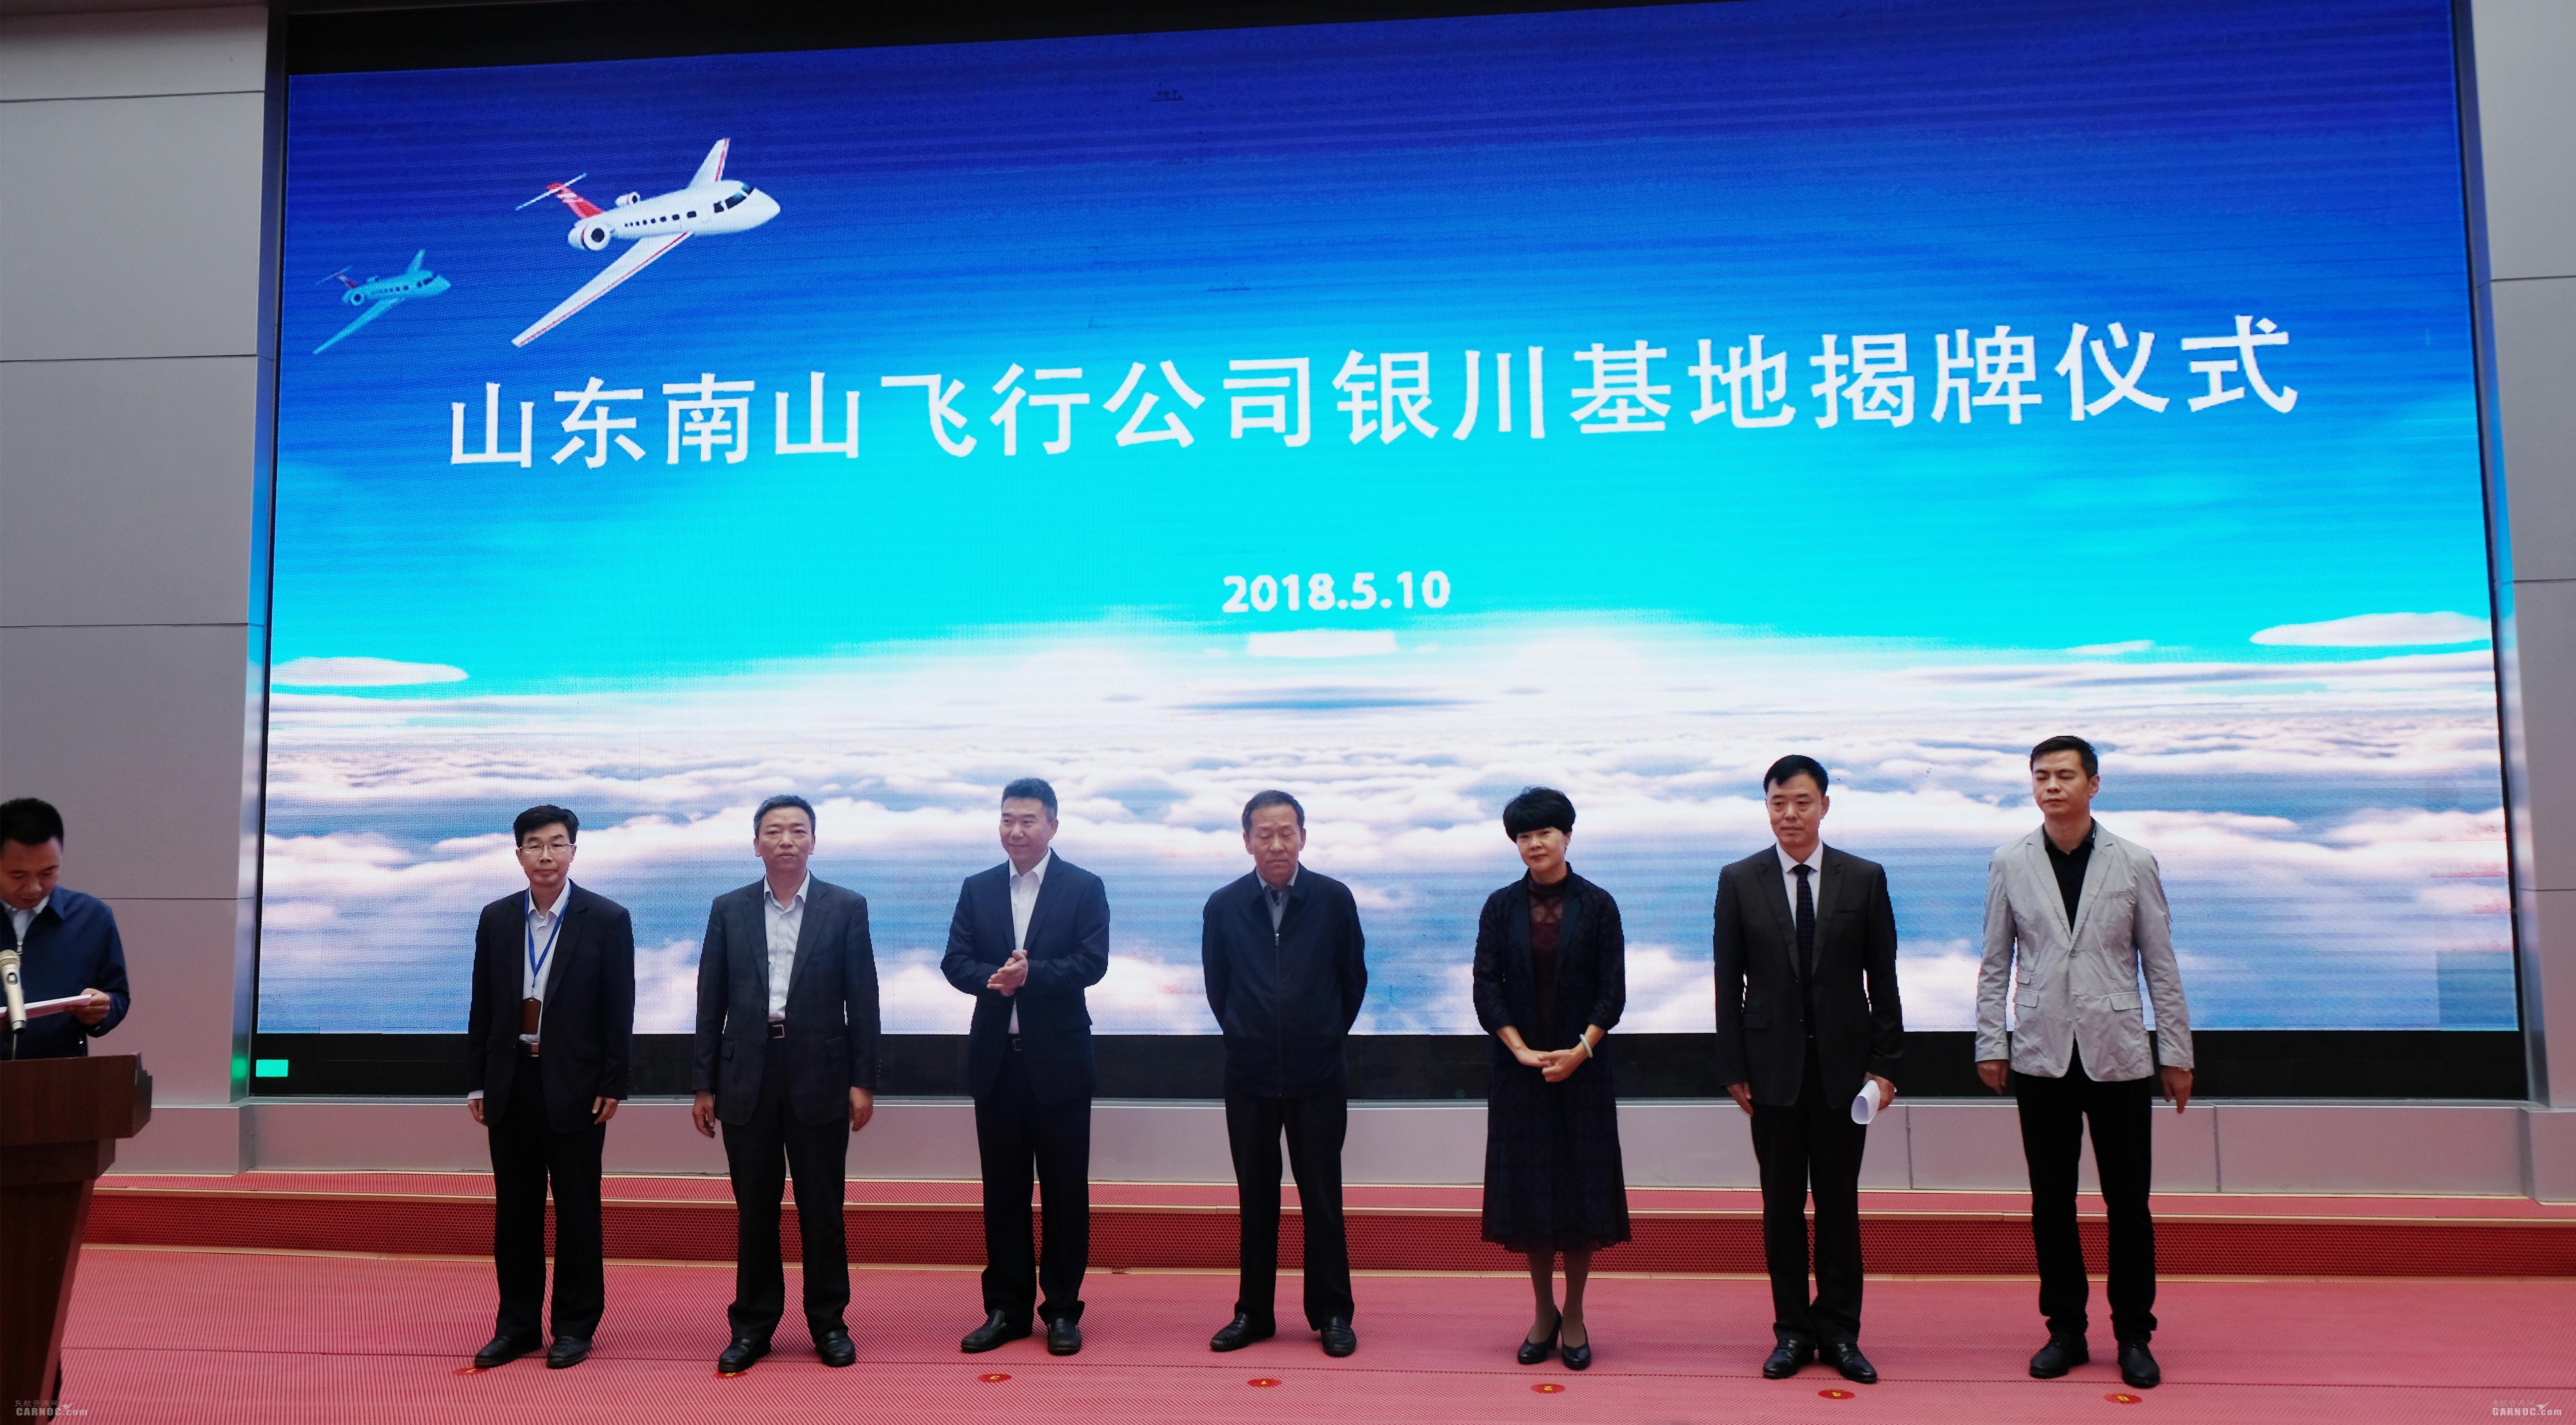 山东南山飞行公司银川基地在月牙湖机场成立